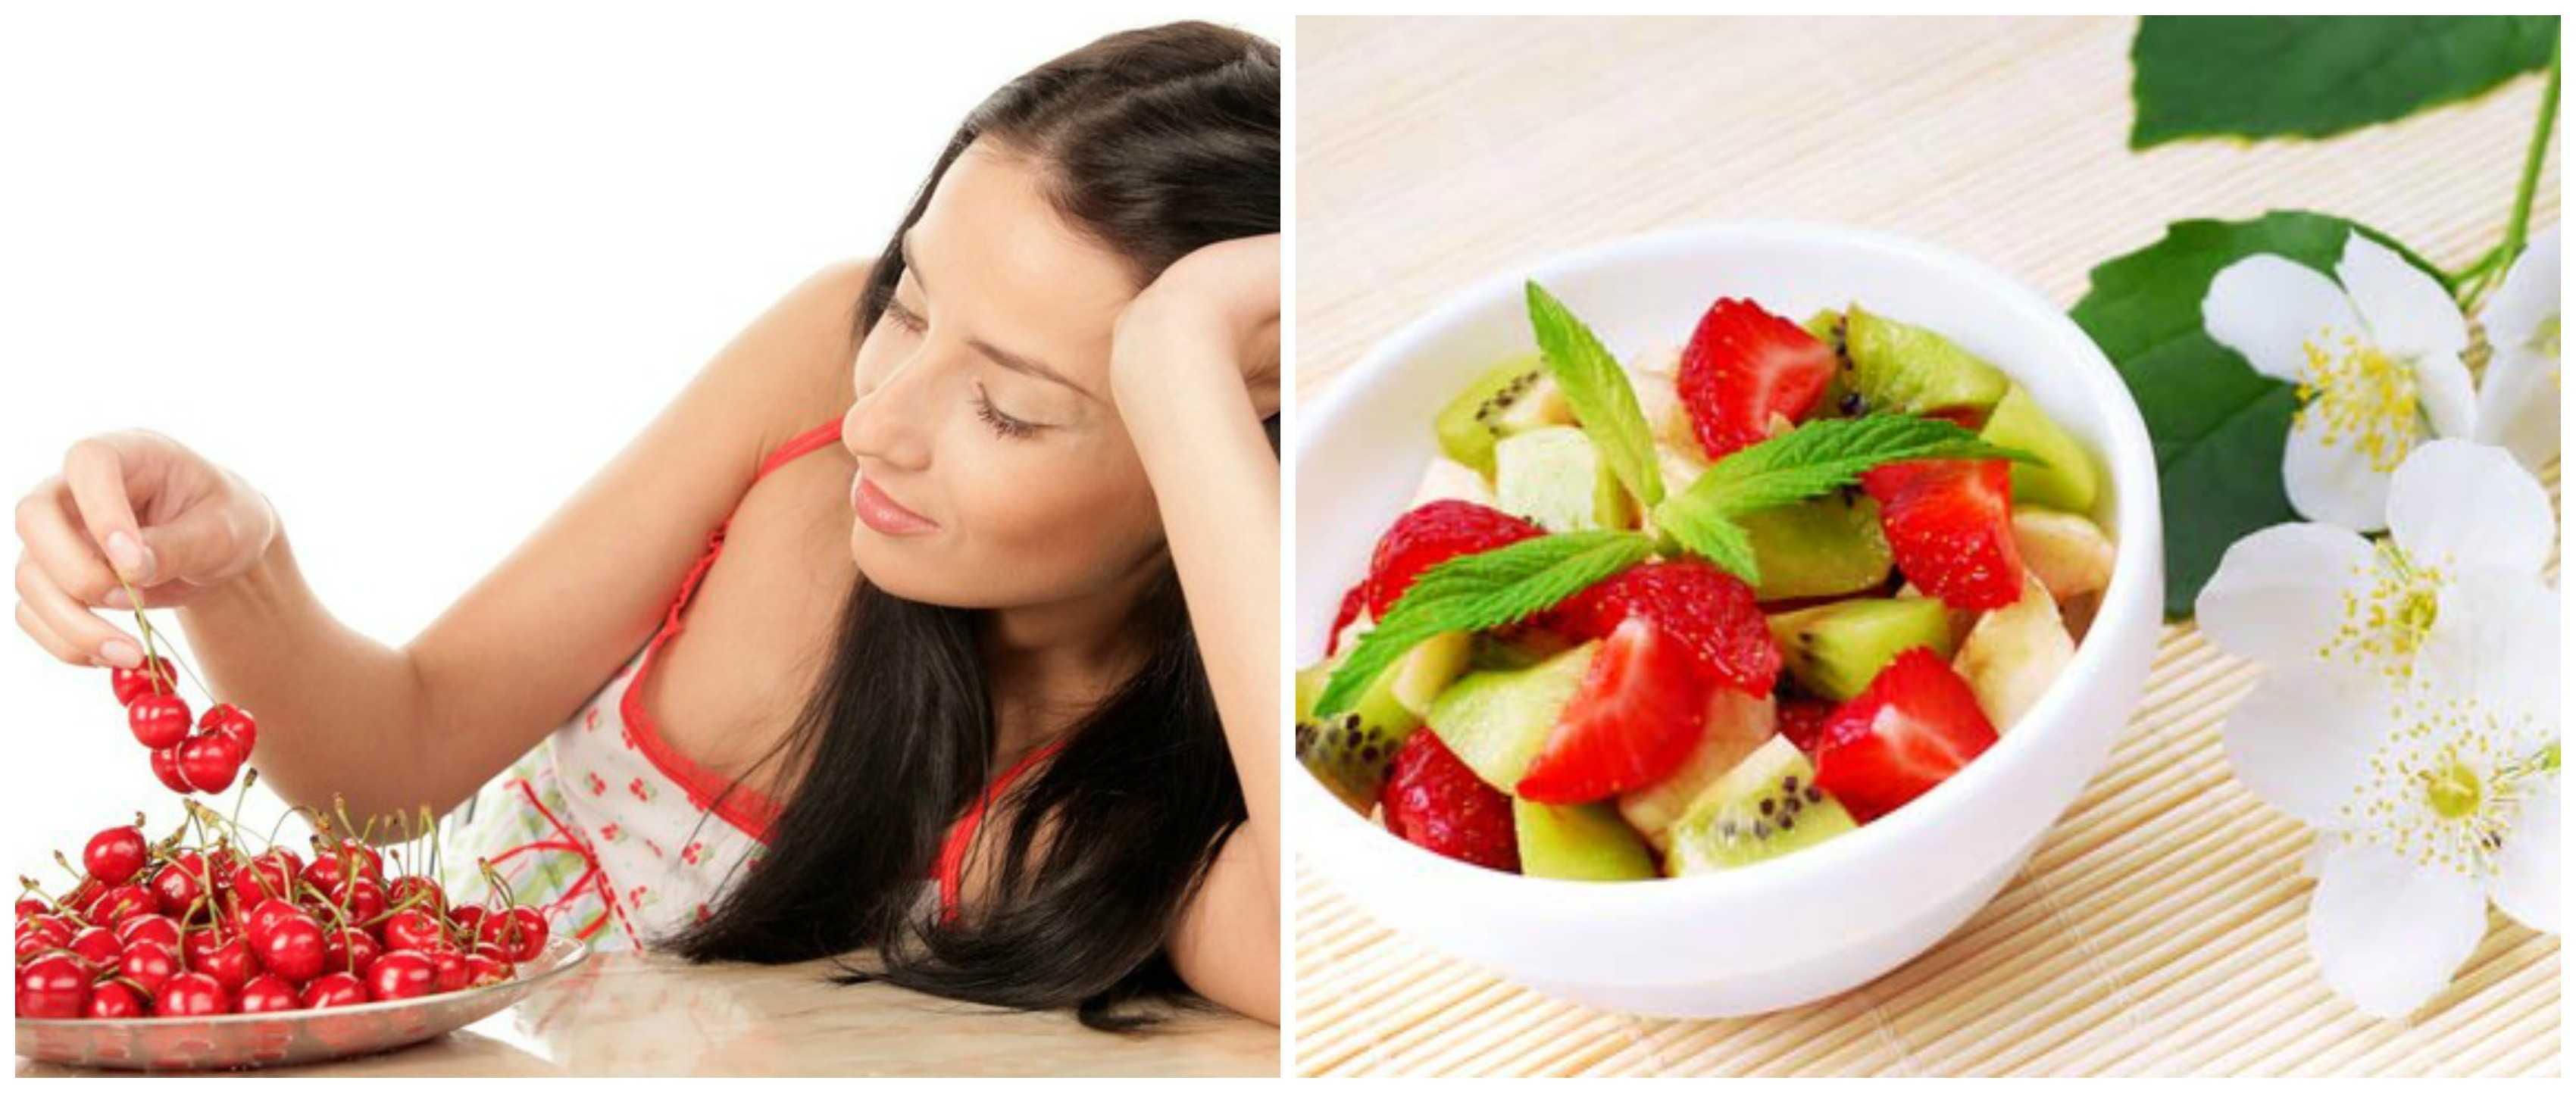 Фруктово-овощная диета для похудения на 7 дней - меню на каждый день, результаты и отзывы